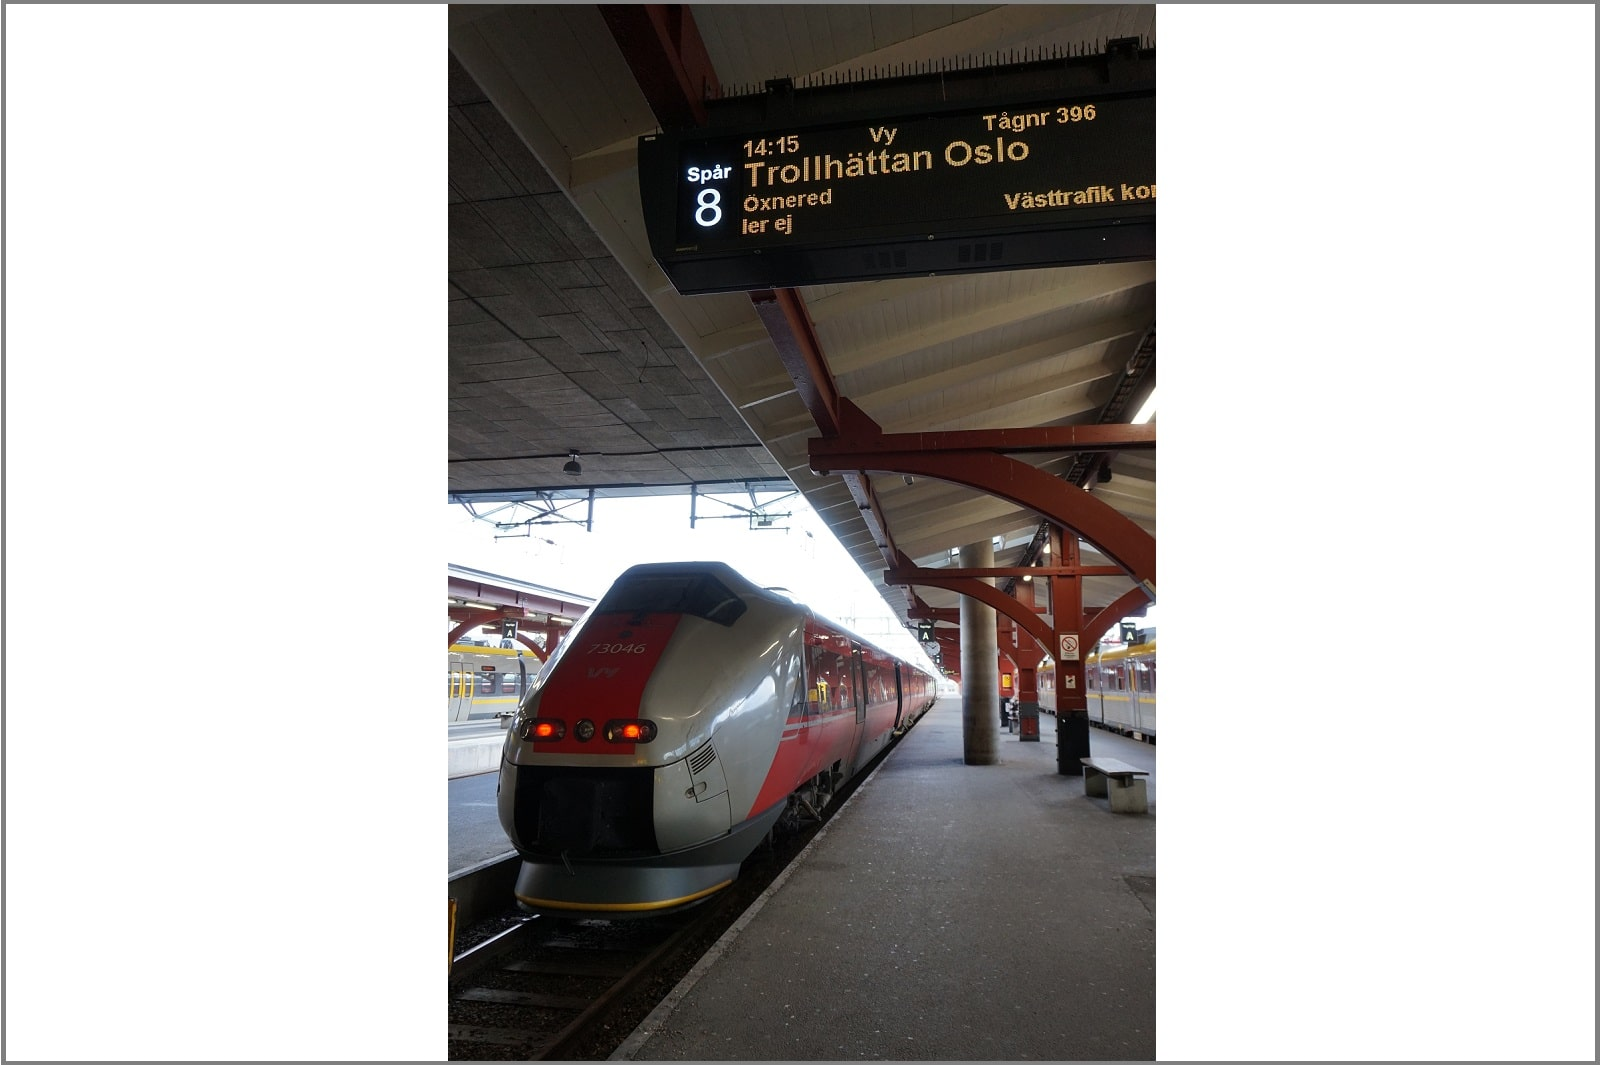 Zug in Norwegen